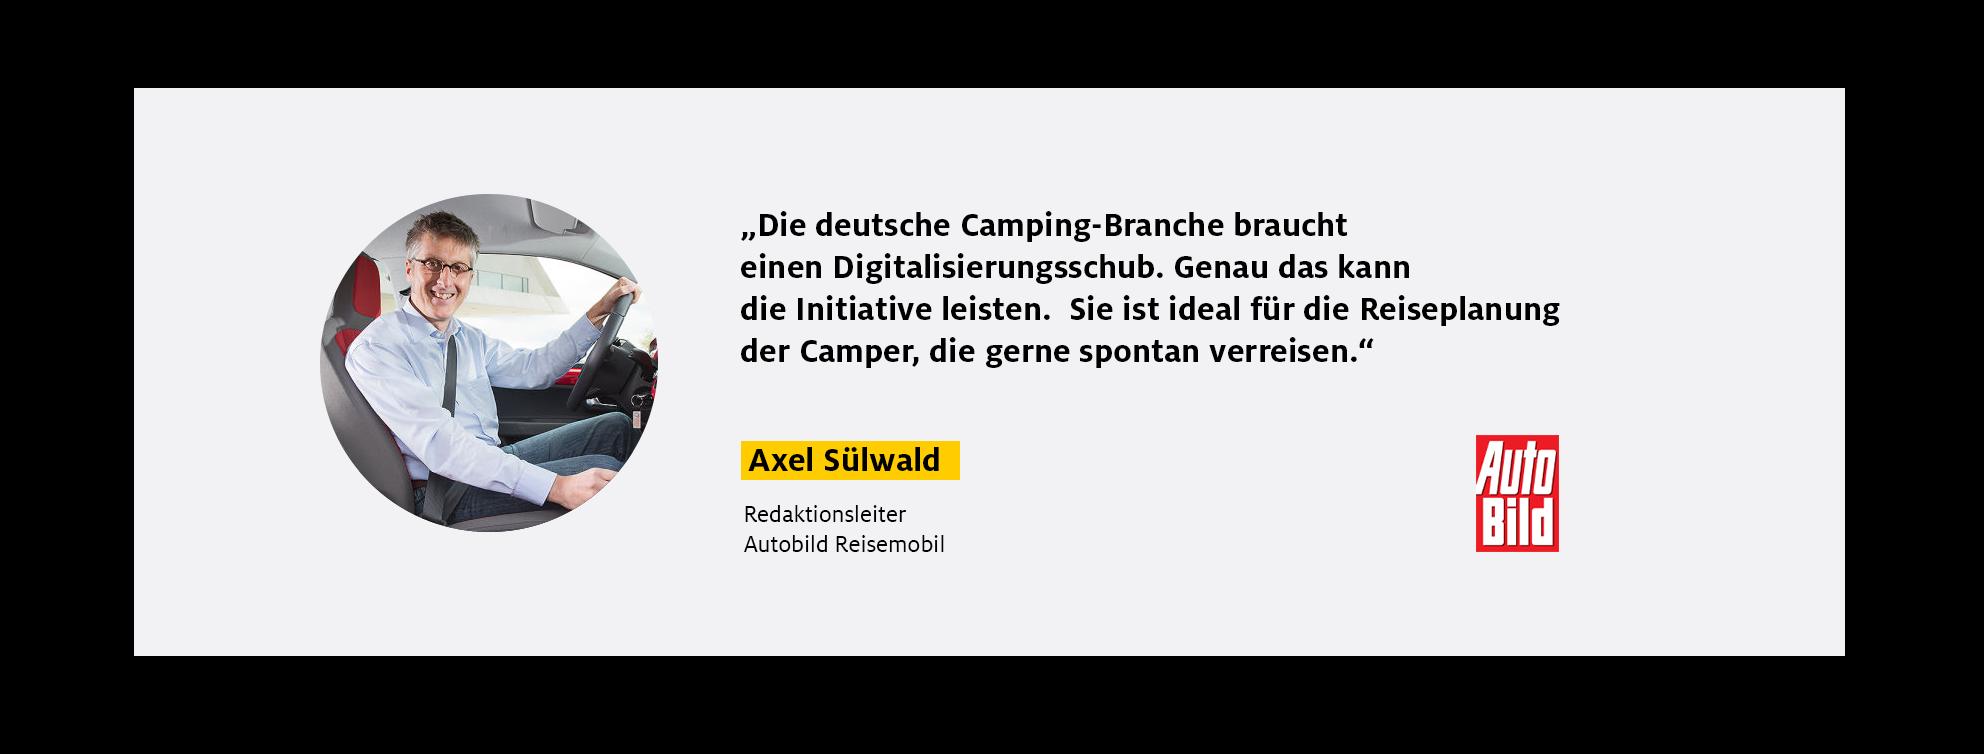 Axel Sülwald 2